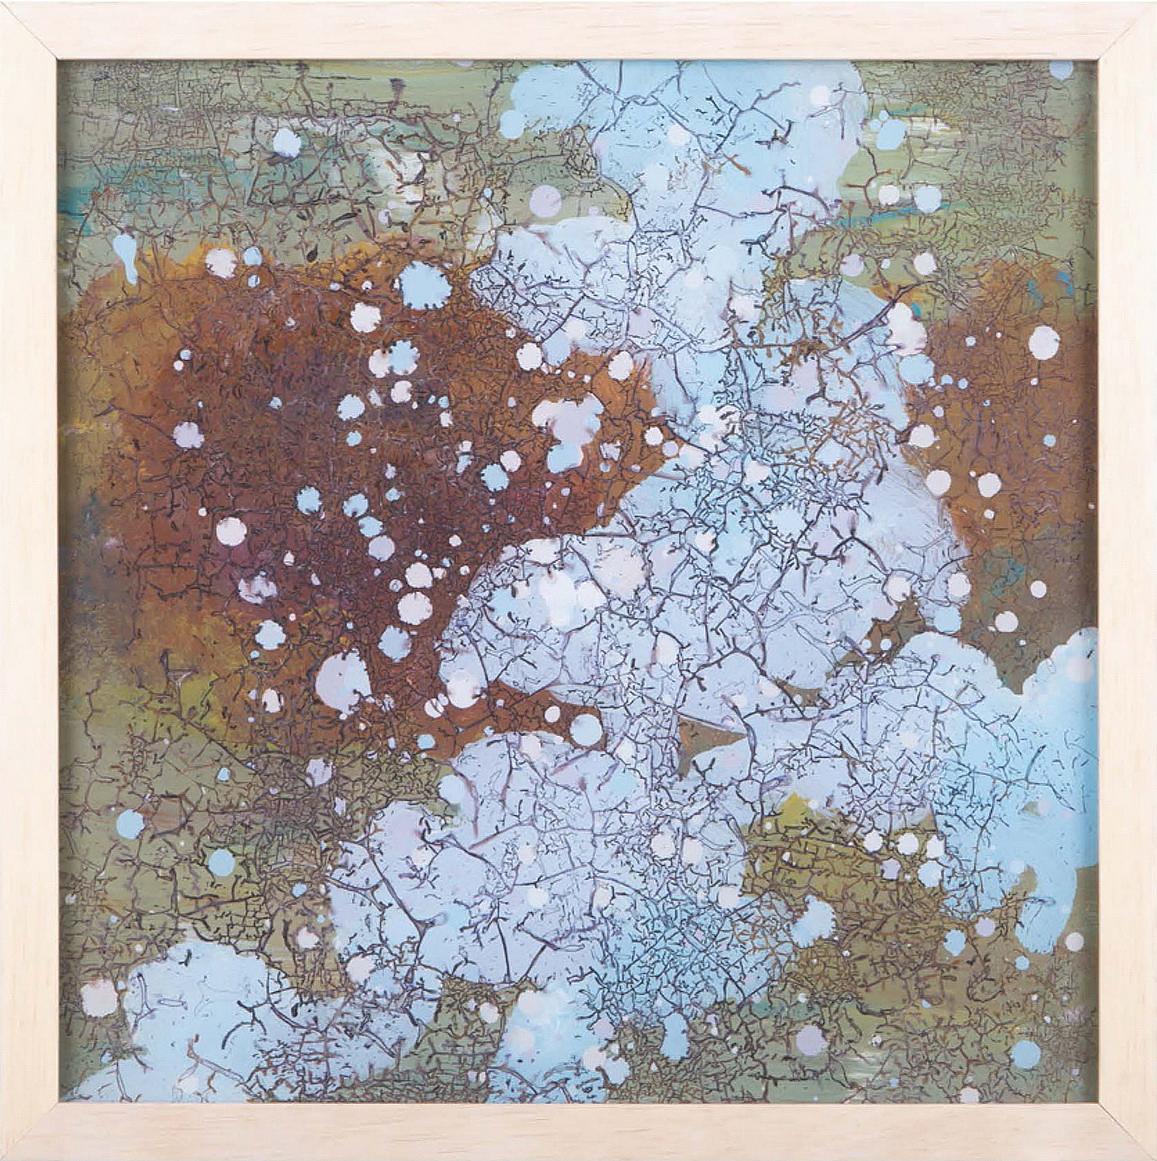 明圣十三-抽象手绘玻璃裂彩画